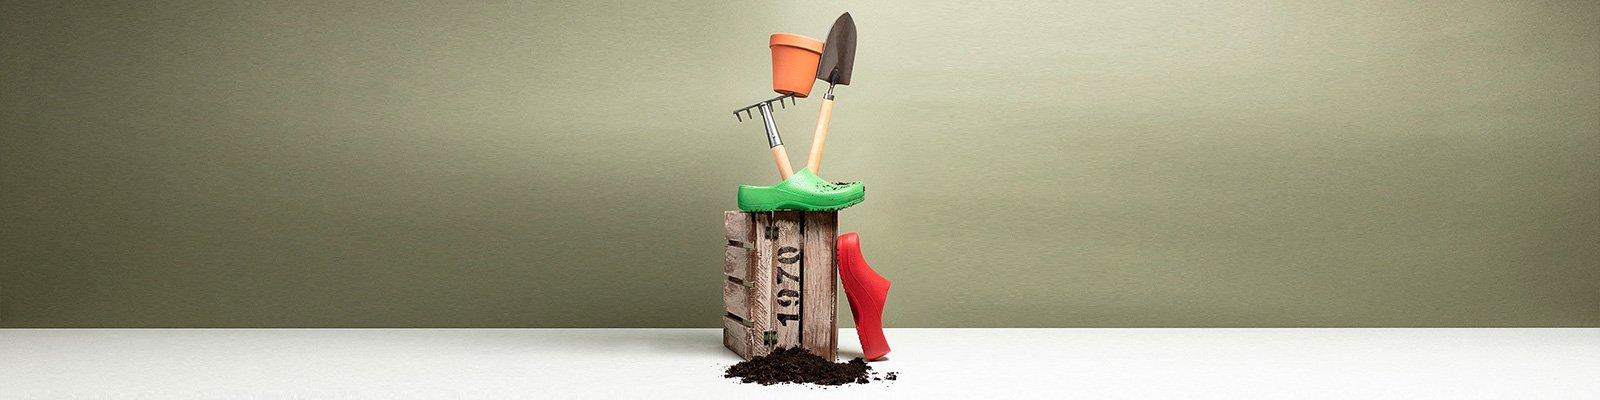 корица на професионални работни обувки BirkenStock с градинско оборудване